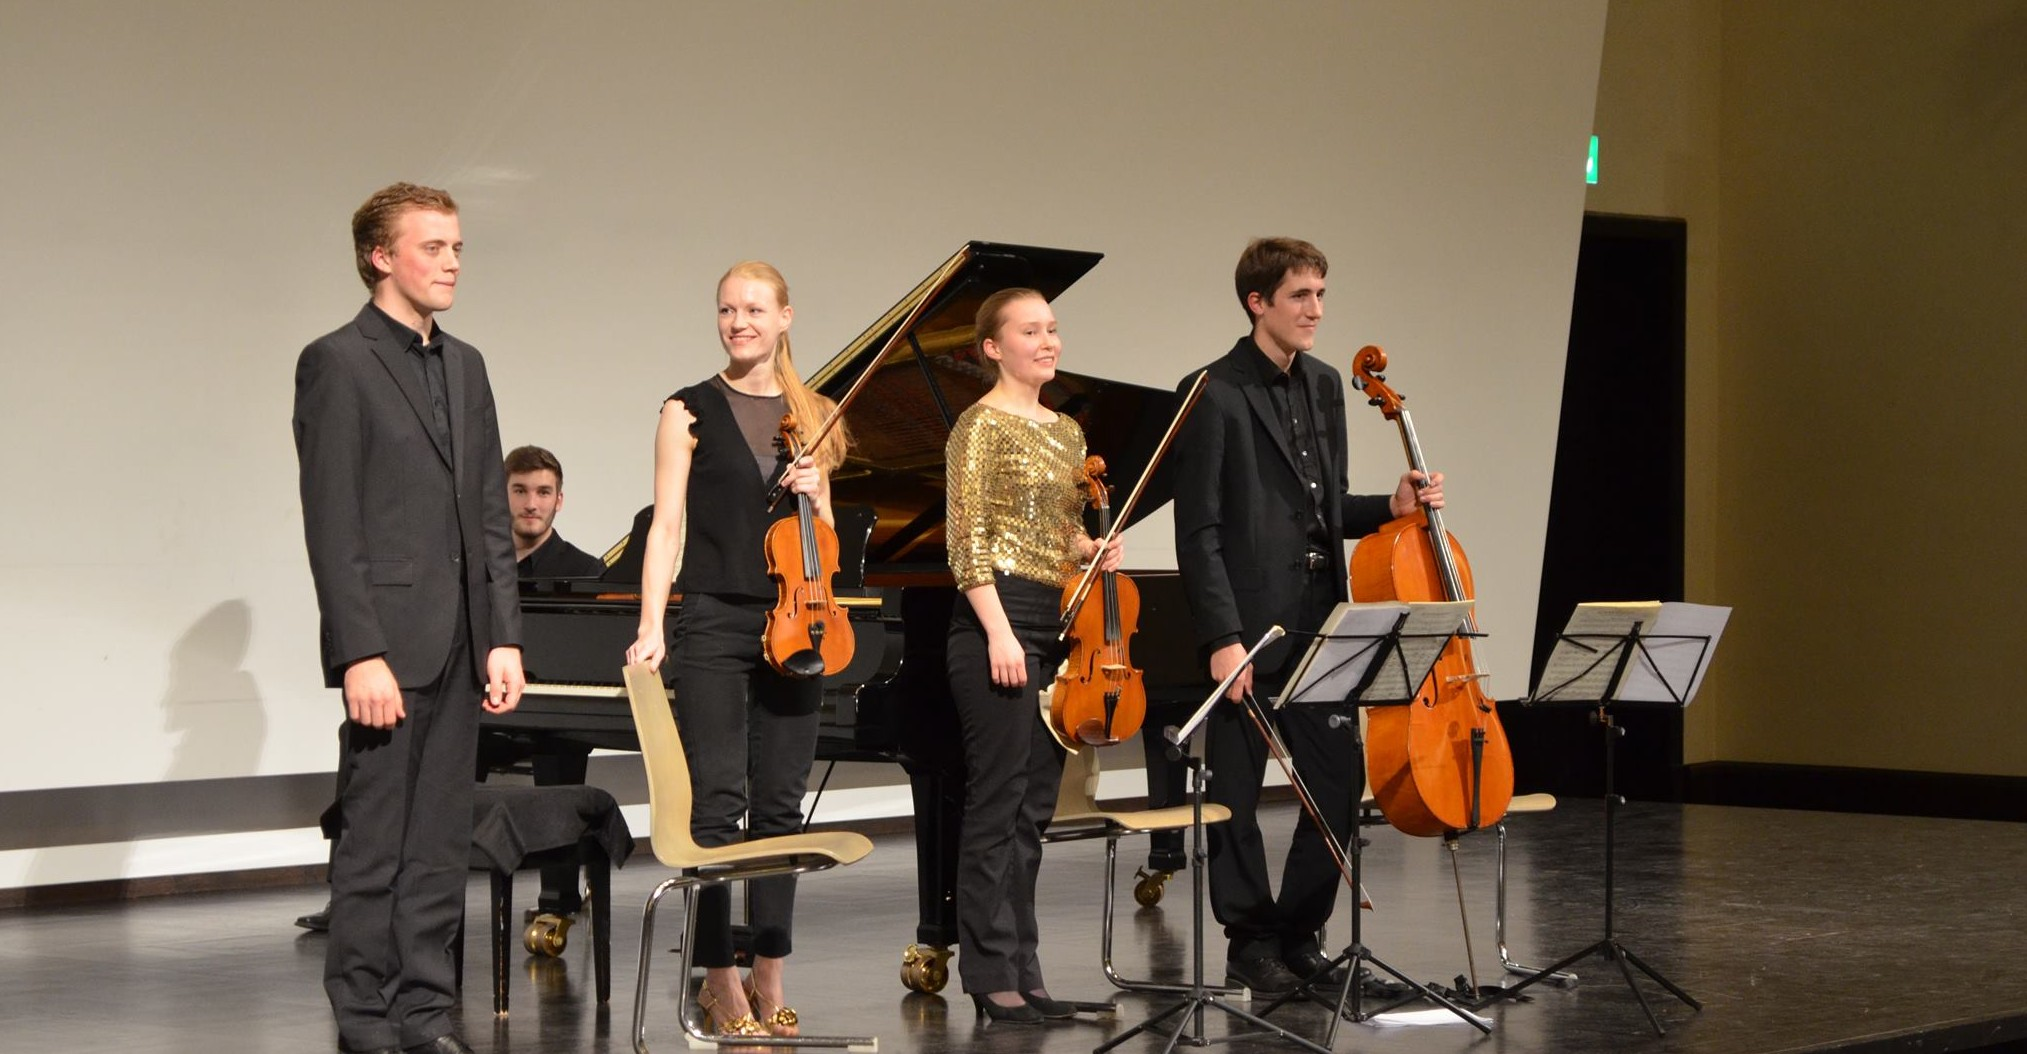 Philipp, Tabea, Johanna und David (v.l.n.r.) genießen ihren Applaus. Bild: privat